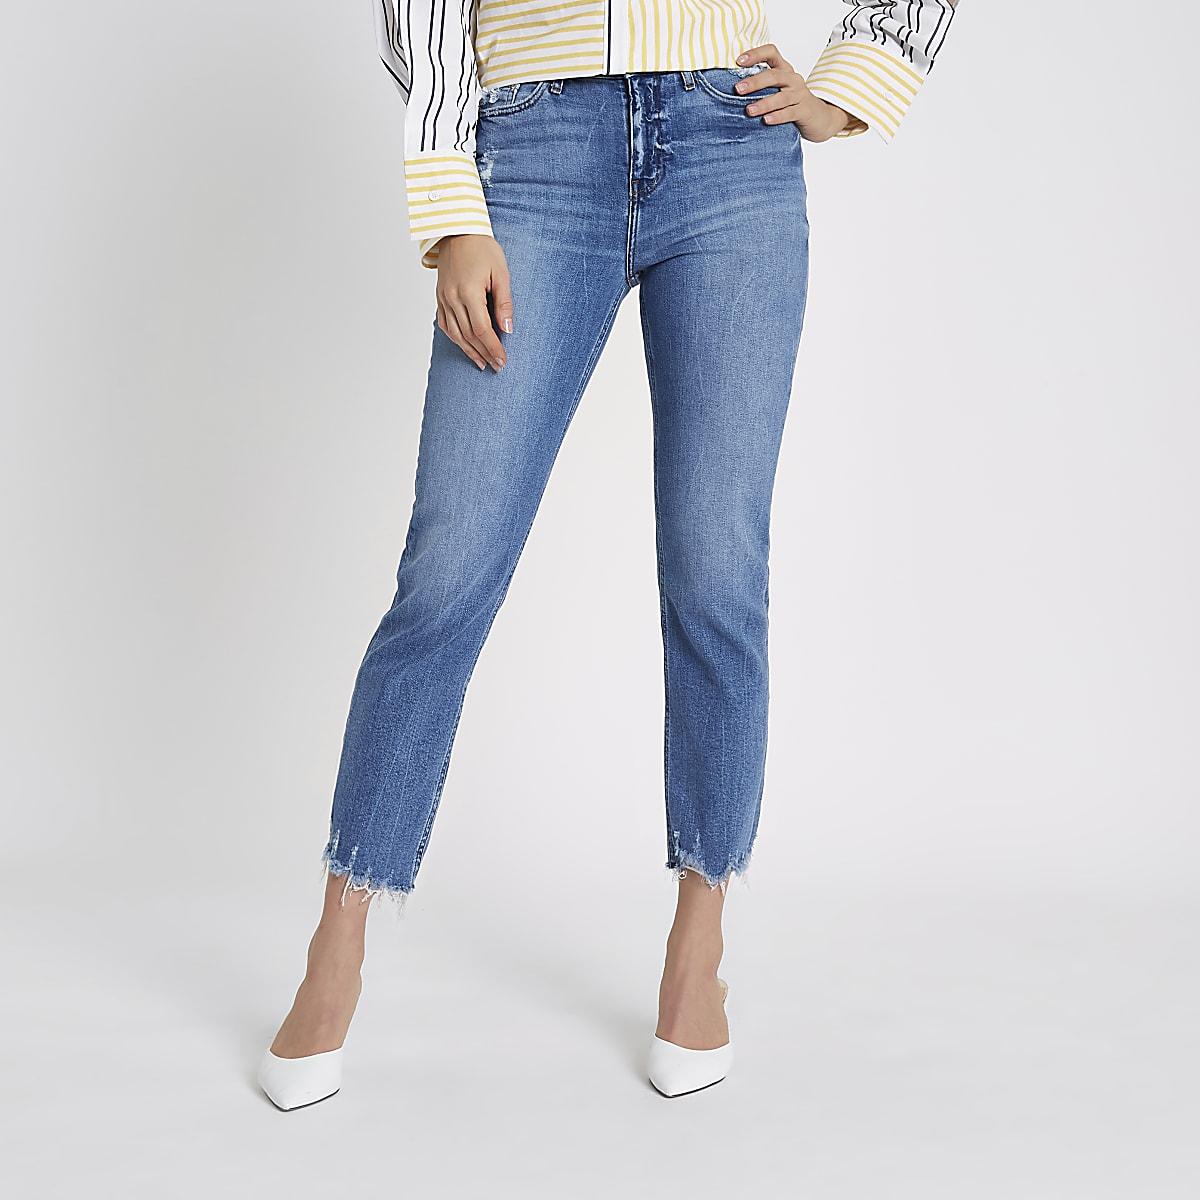 Bella - Blauwe distressed jeans met rechte pijpen